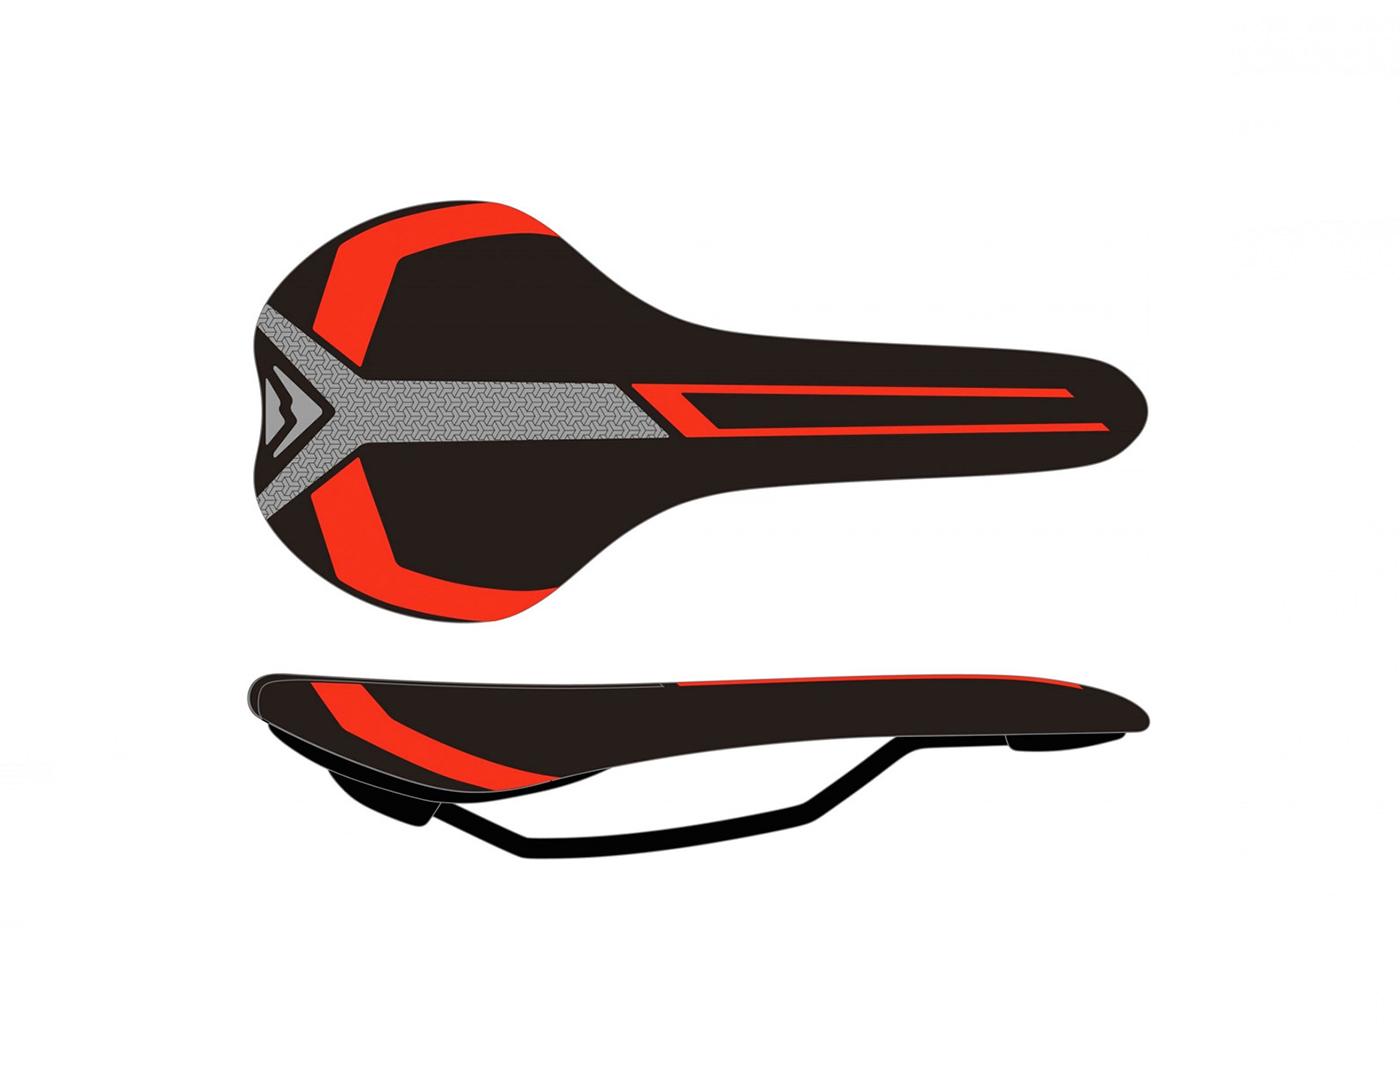 Седло Merida Race black/red (2070074040)